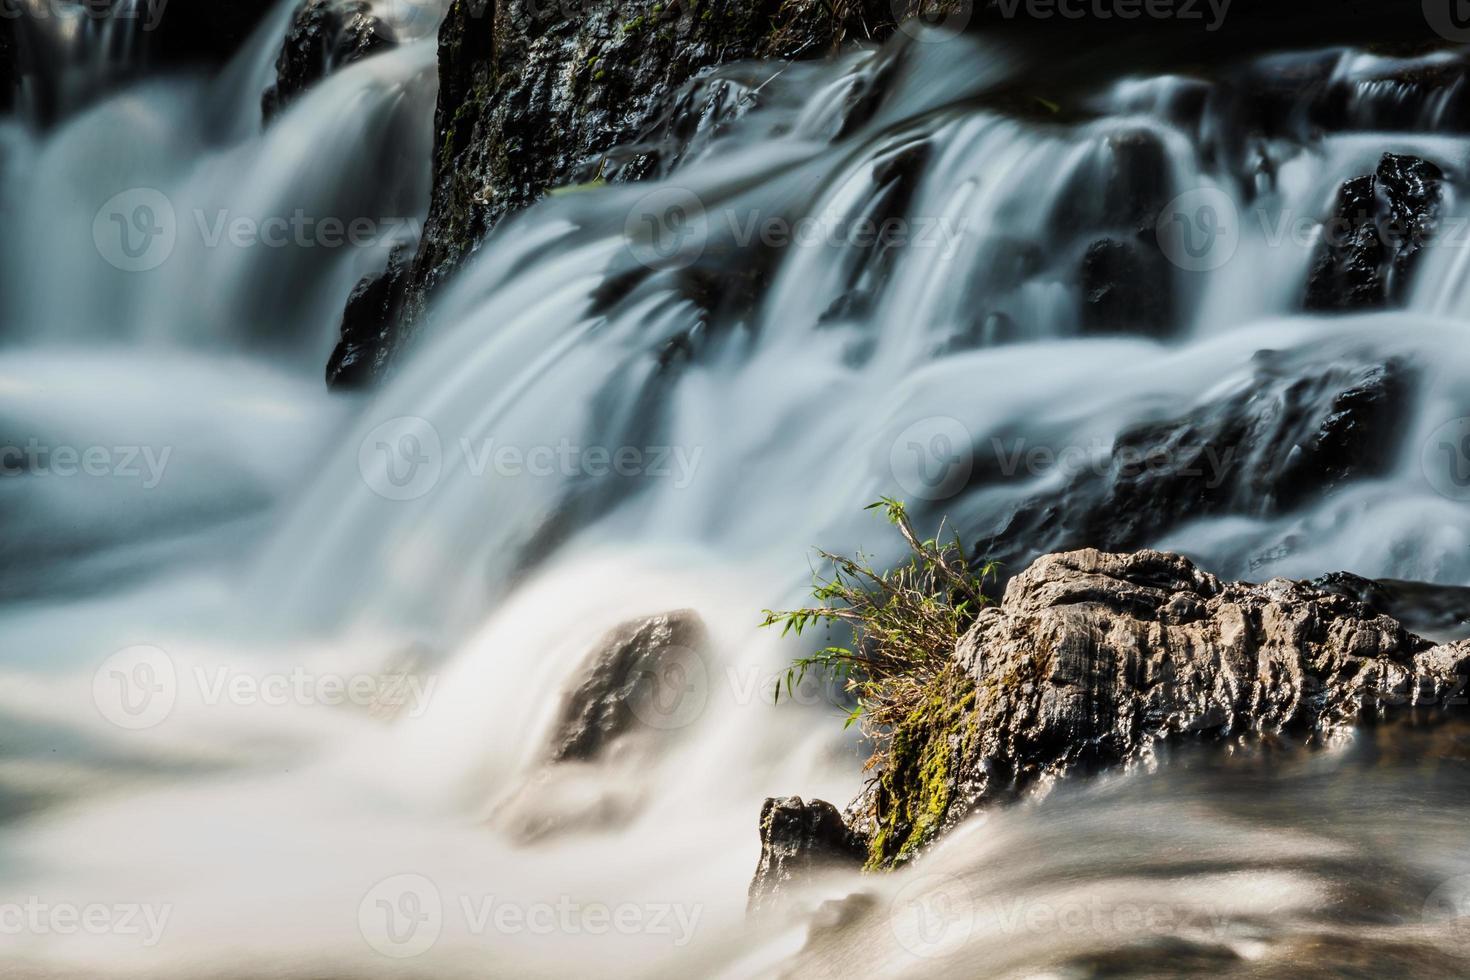 Wasserblase foto